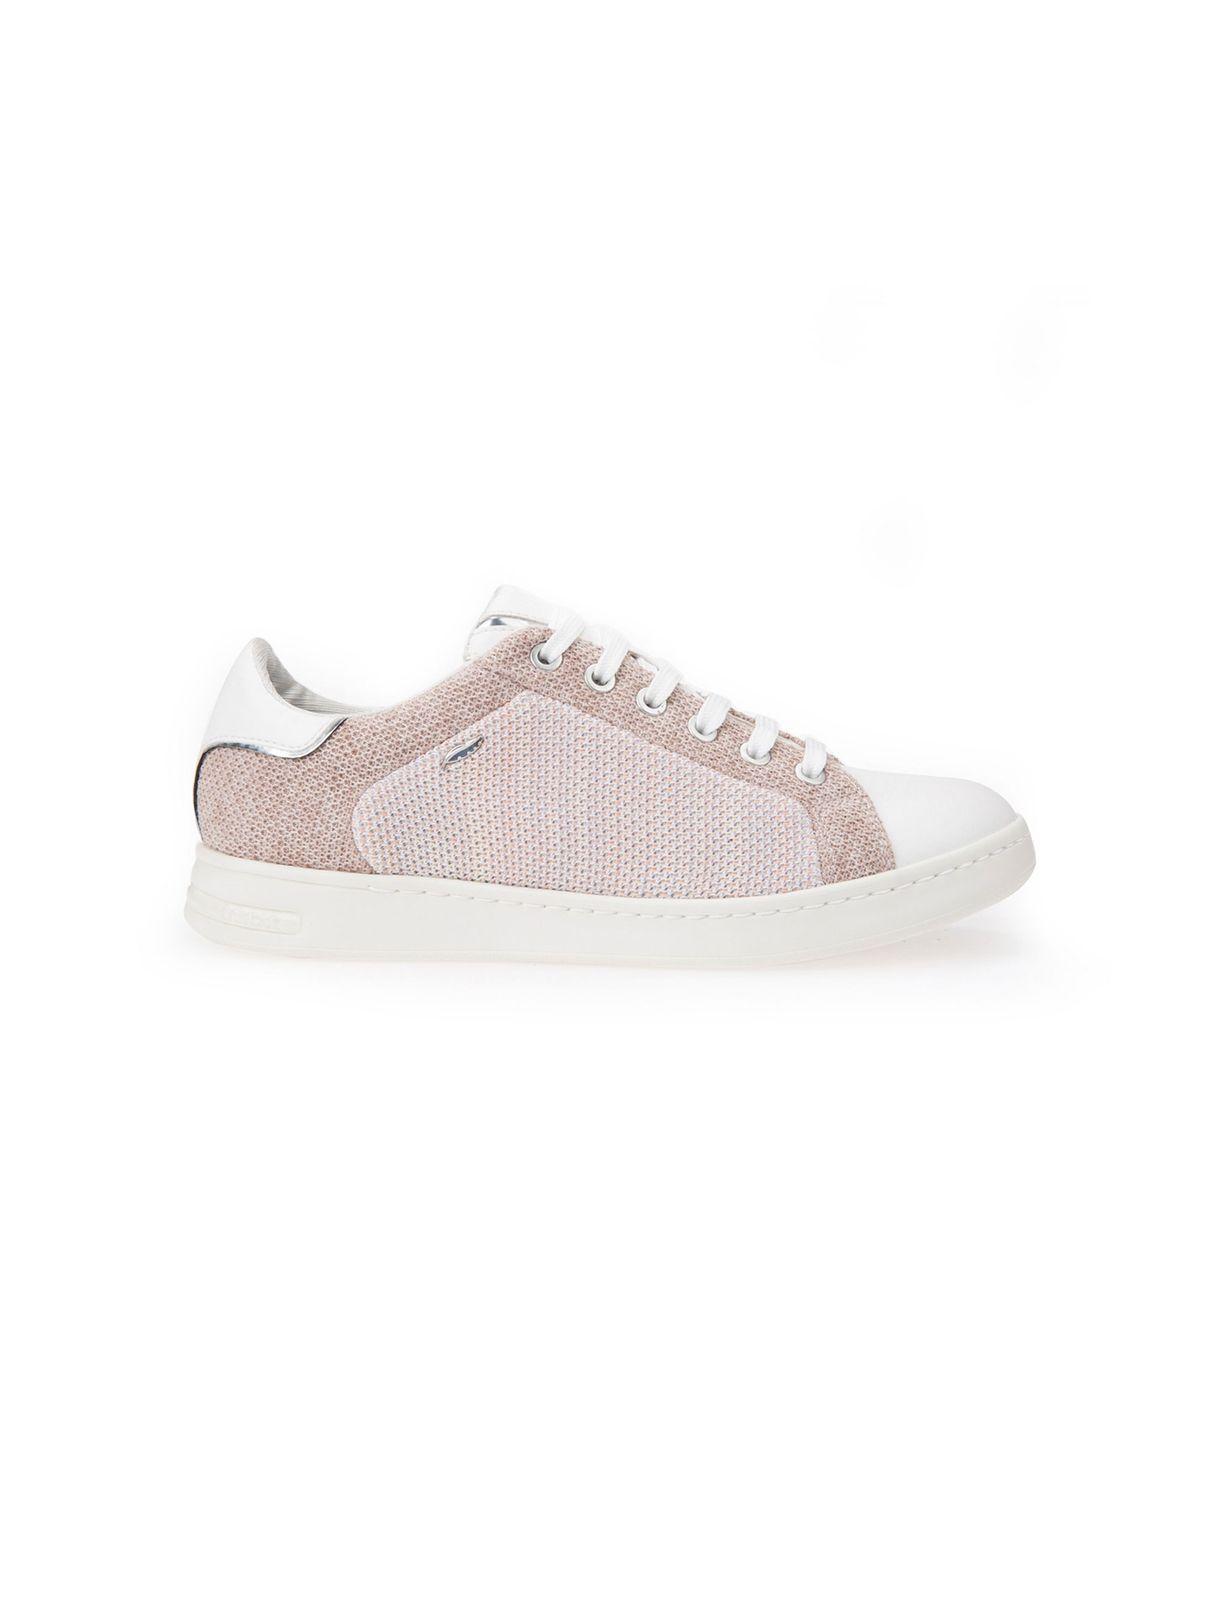 کتانی بندی زنانه Annya – جی اوکس  Women Lace-Up Sneakers Annya – Geox